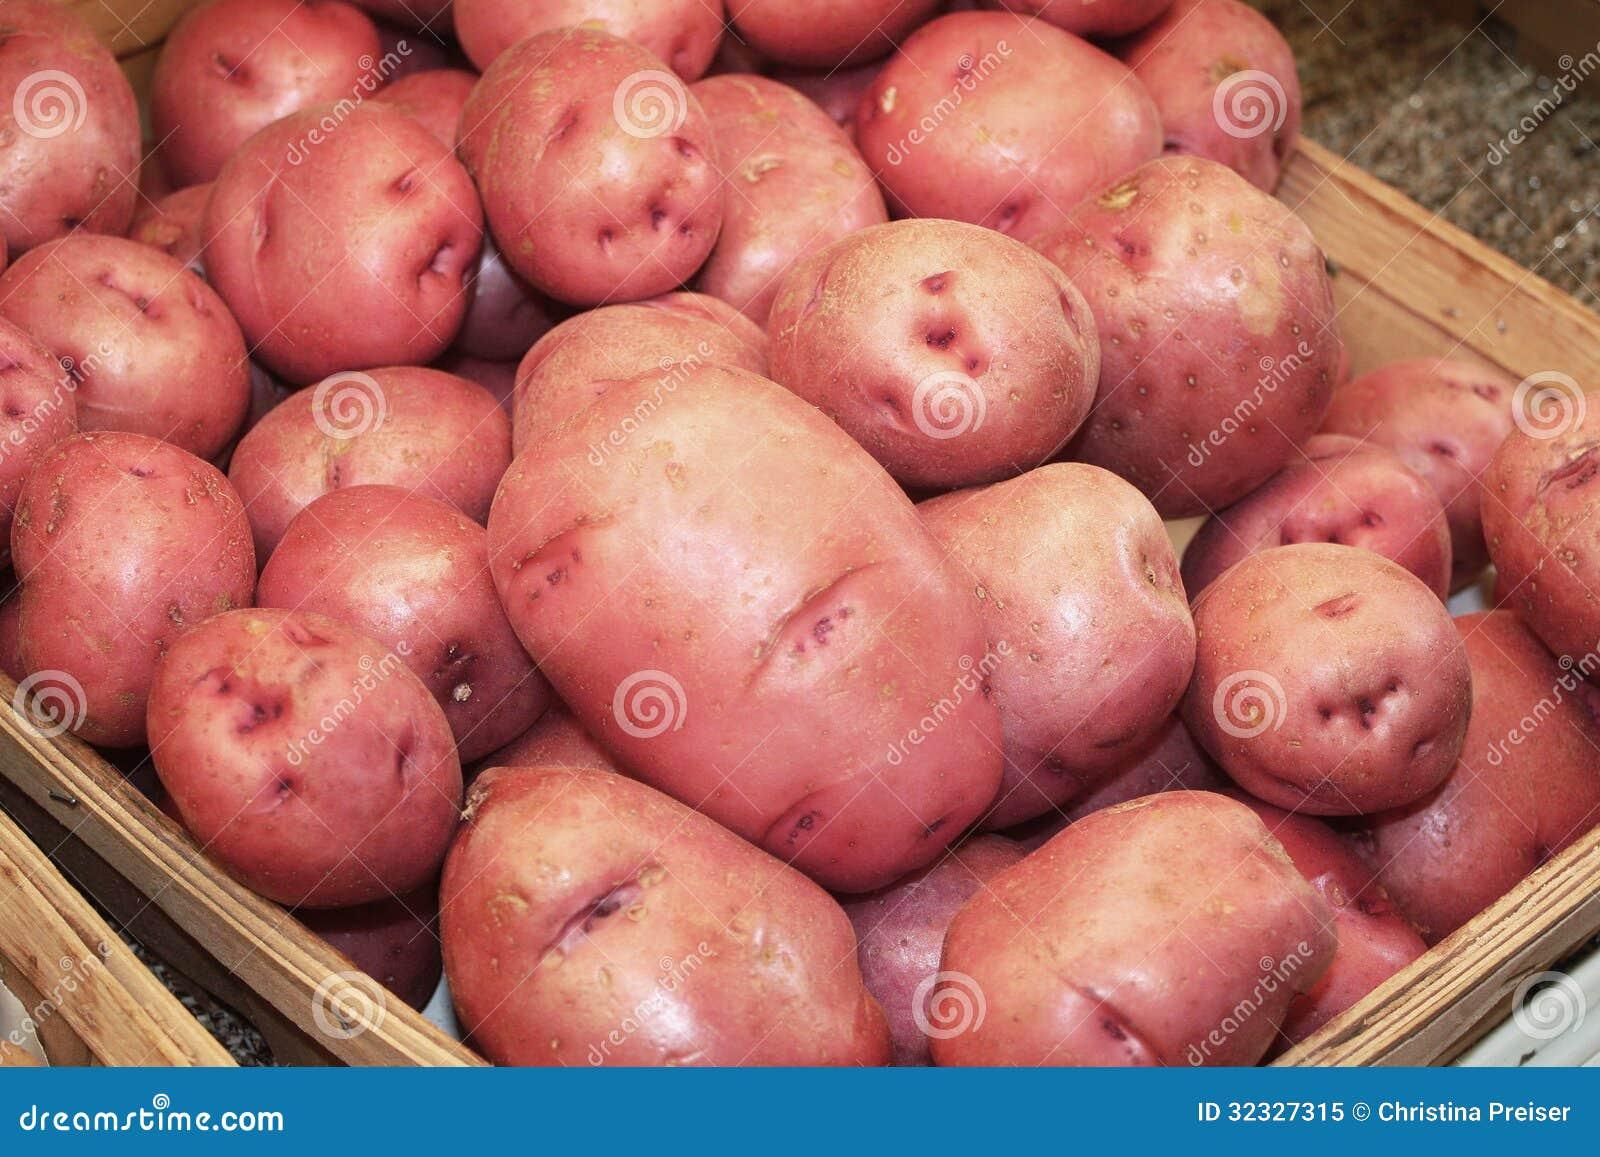 在商店的红色土豆 免版税库存照片 - 图片: 32327315图片